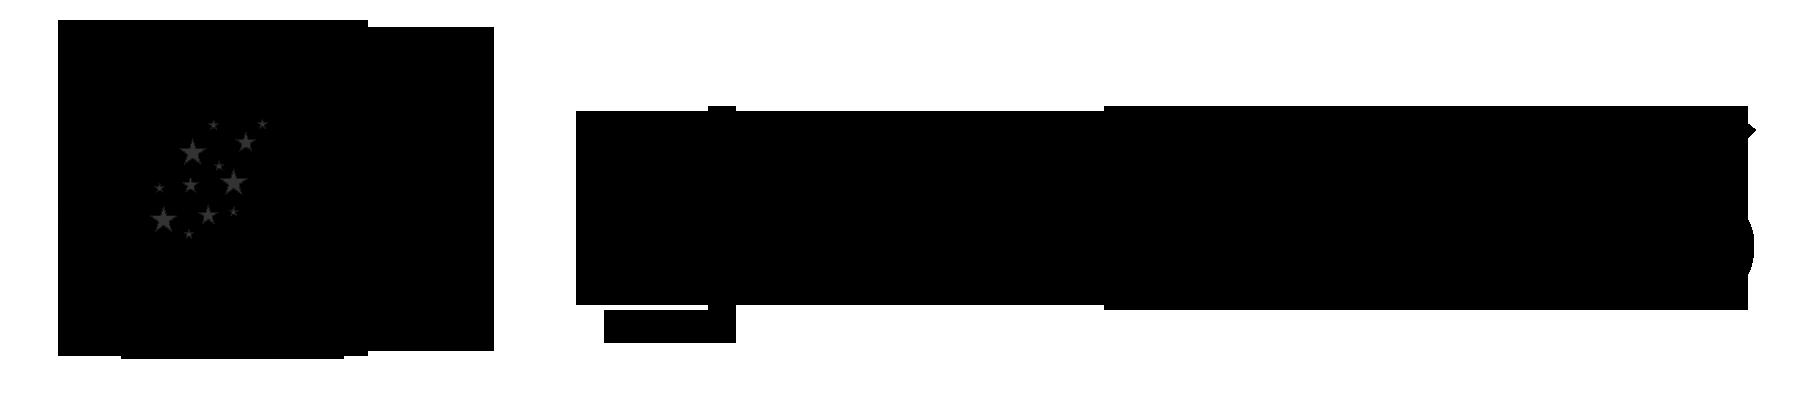 Δίαυλος